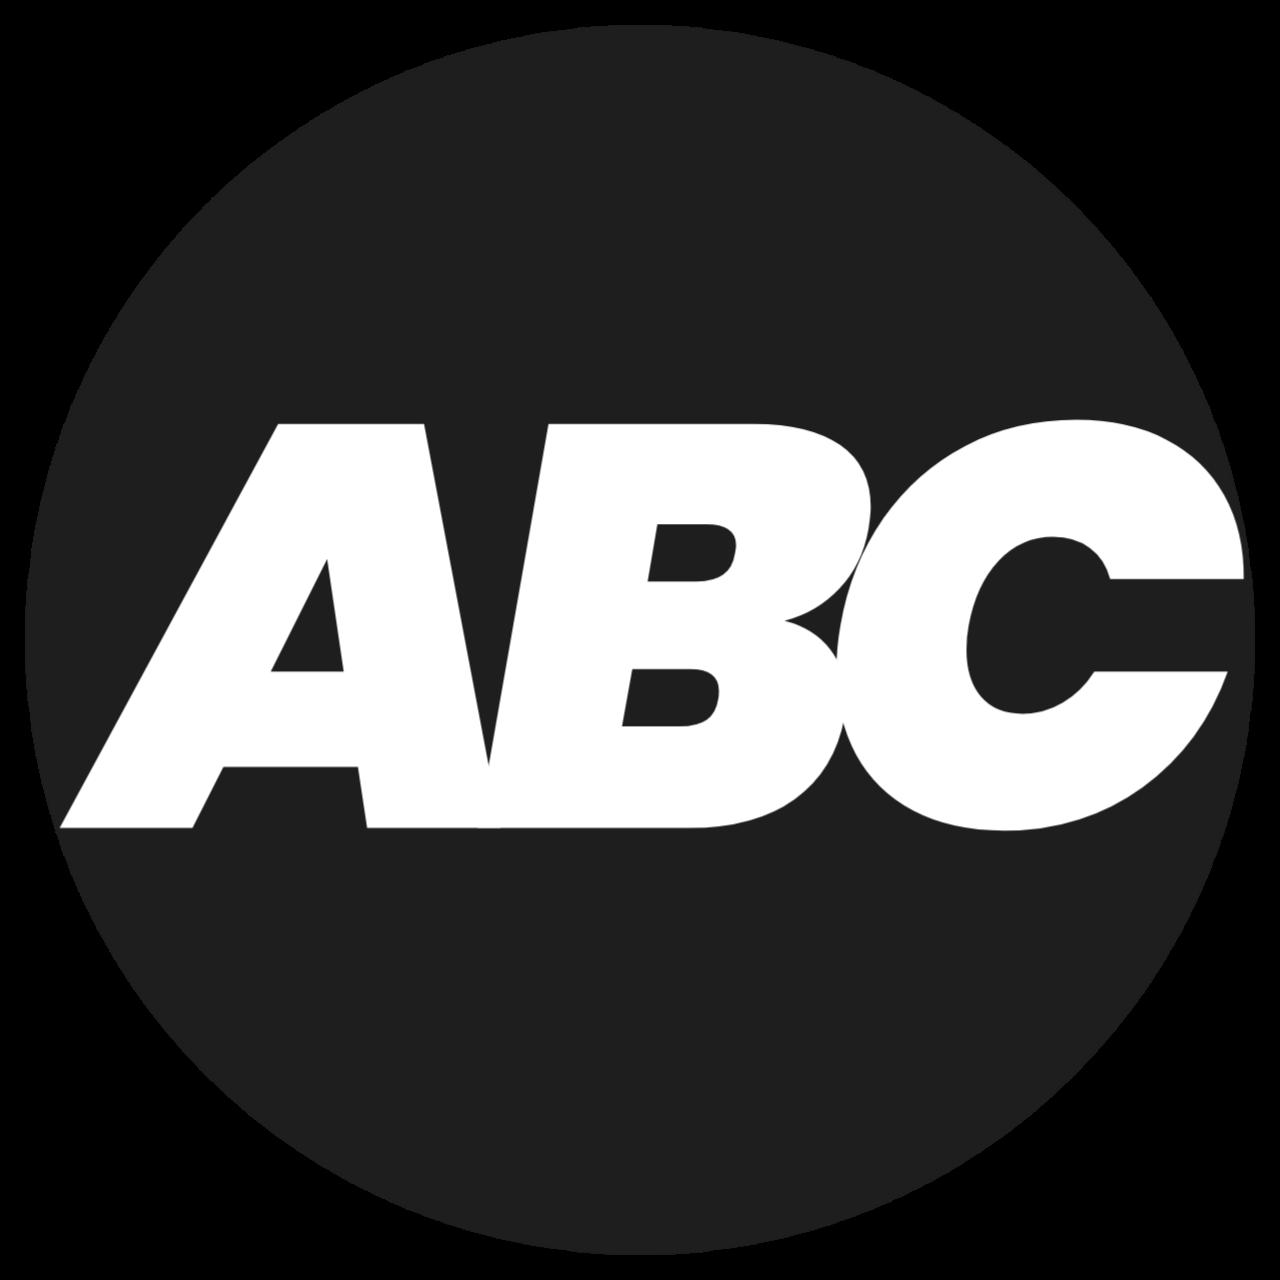 ABC (Sakaria)